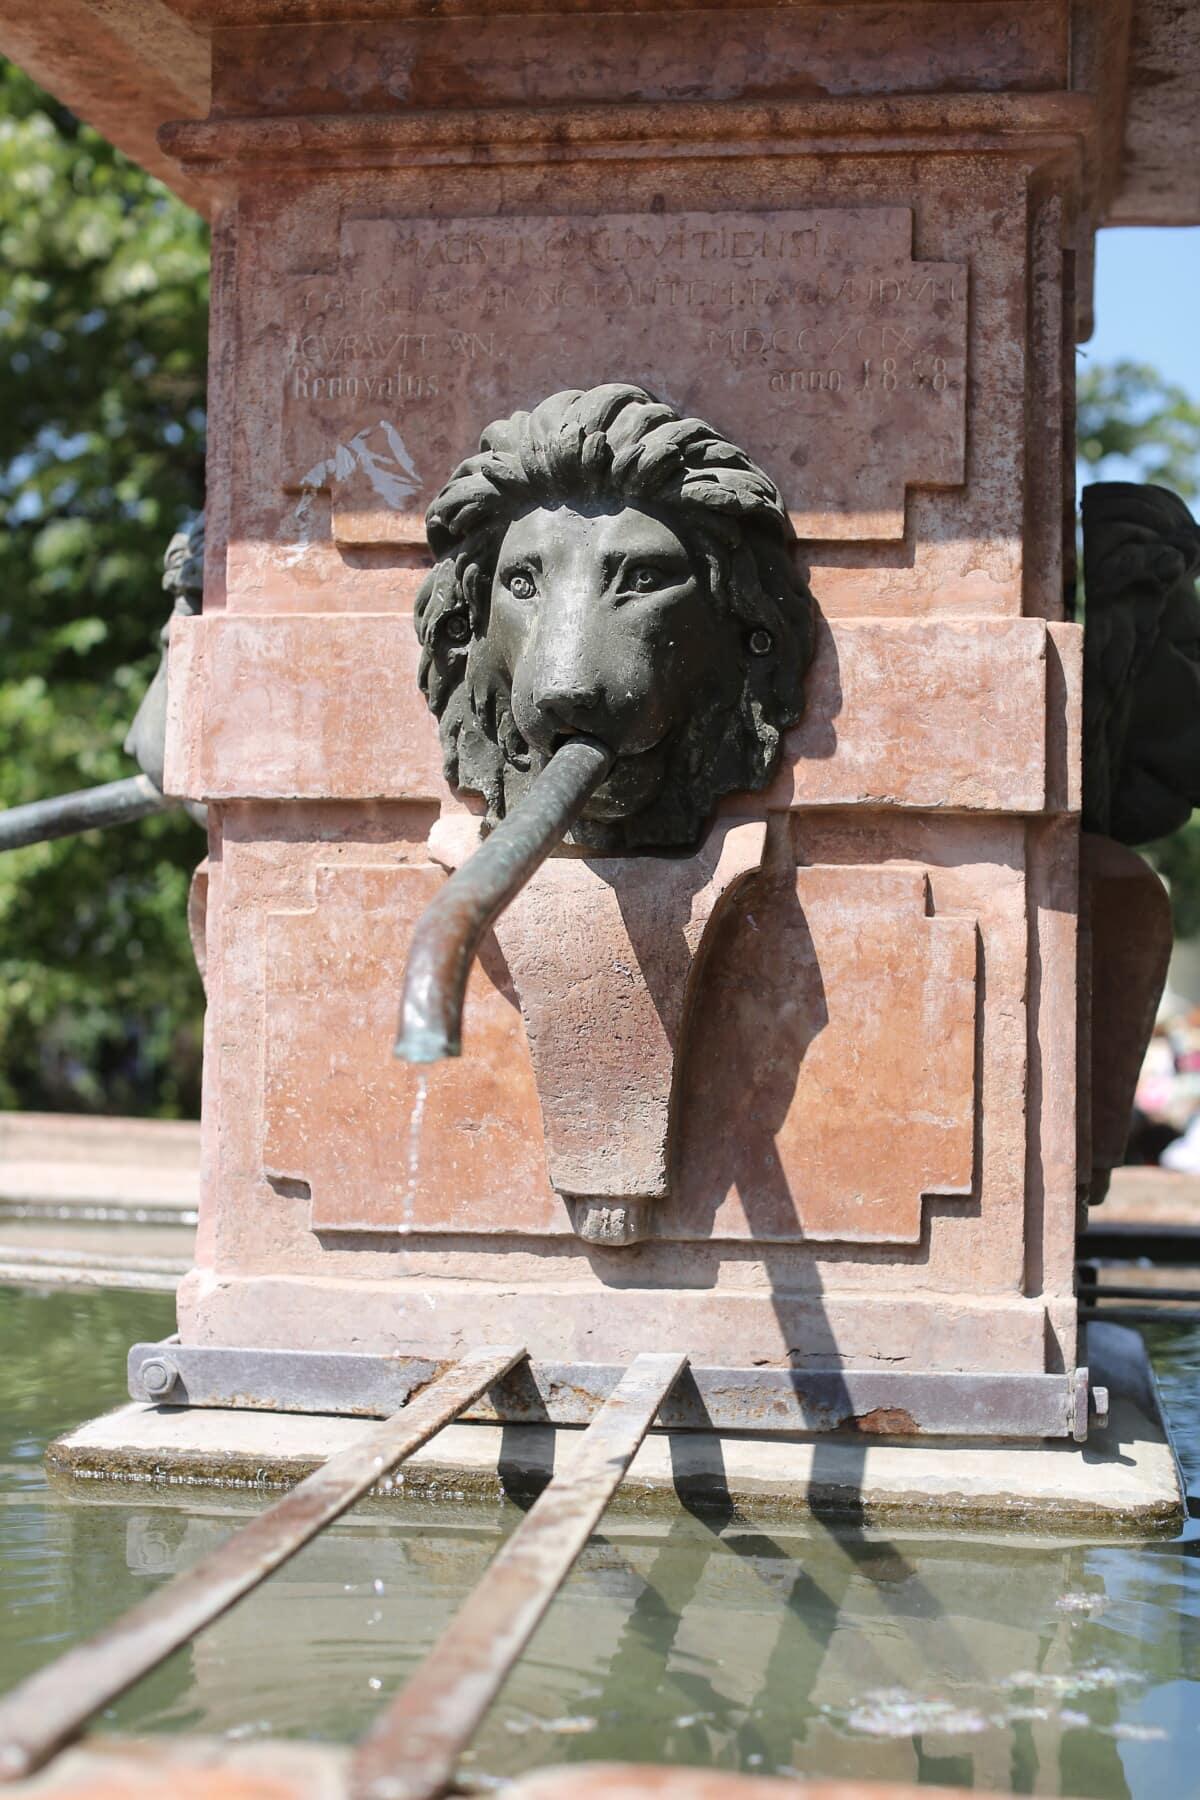 lav, fontana, skulptura, bronca, glava, cijevi, kamen, mramor, postolje, kip